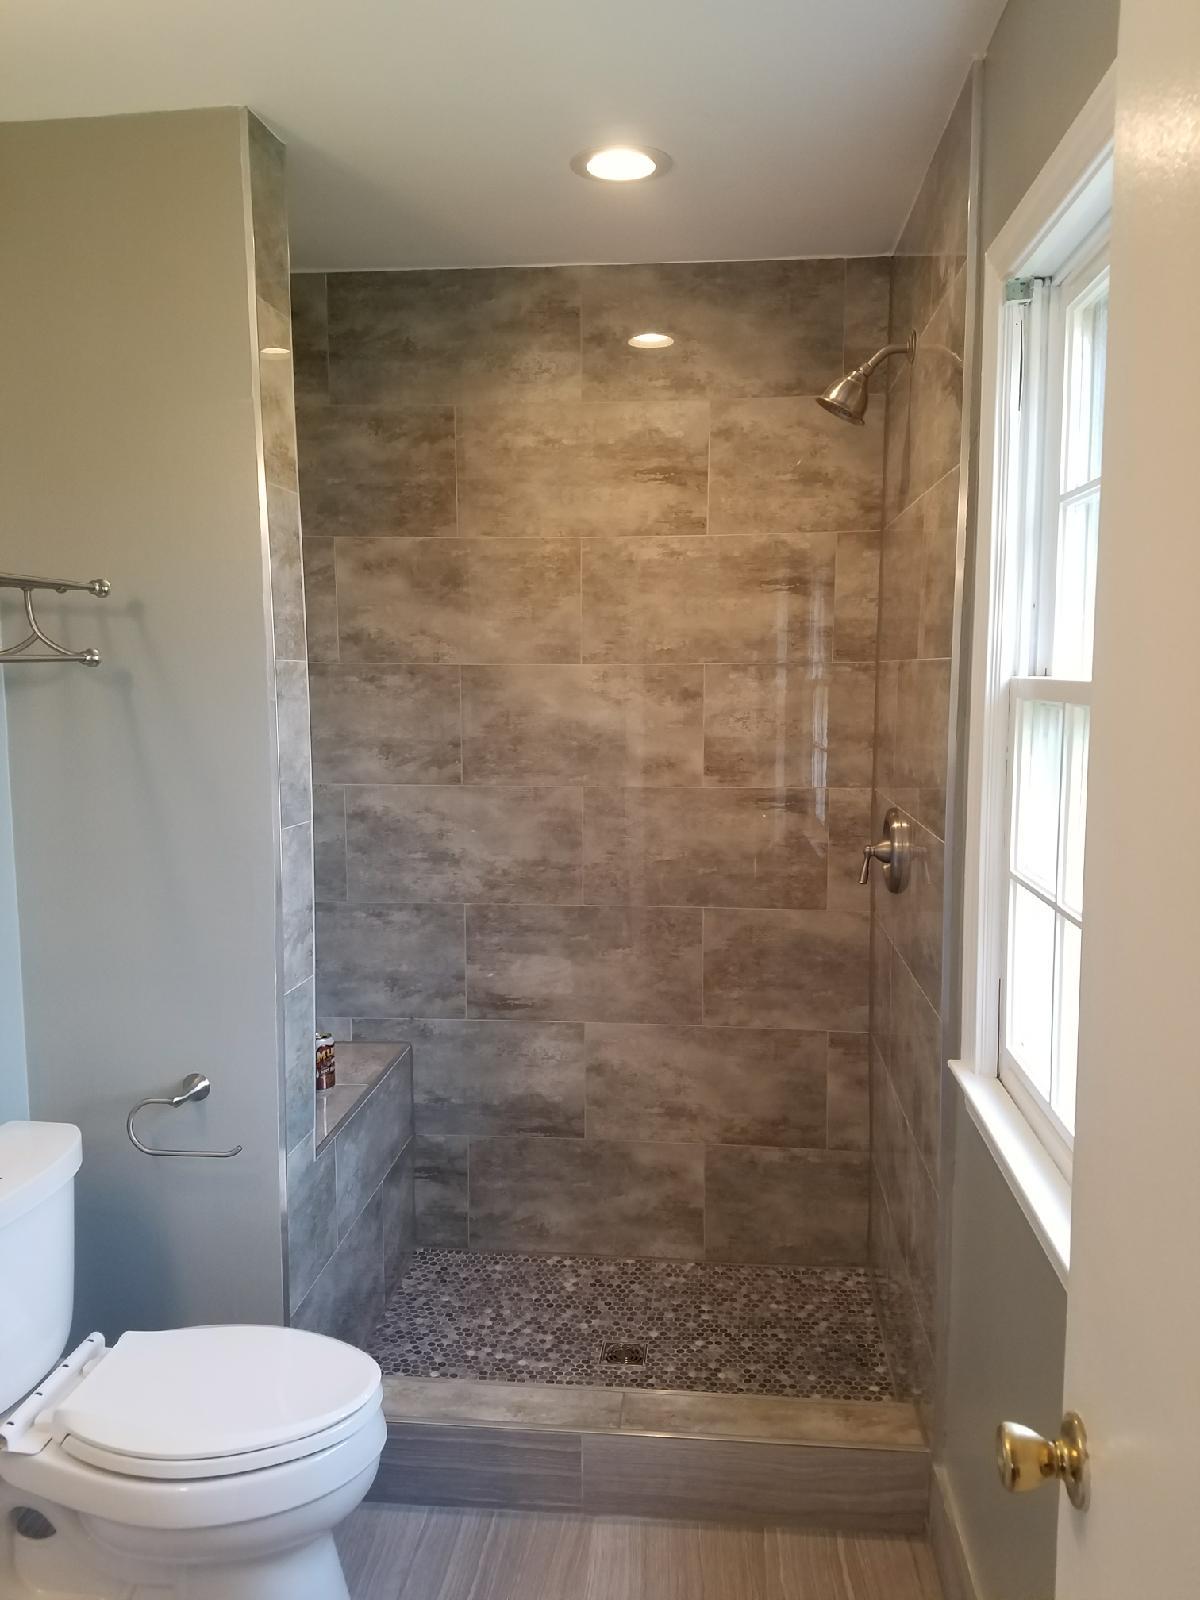 McLean bath remodel 5